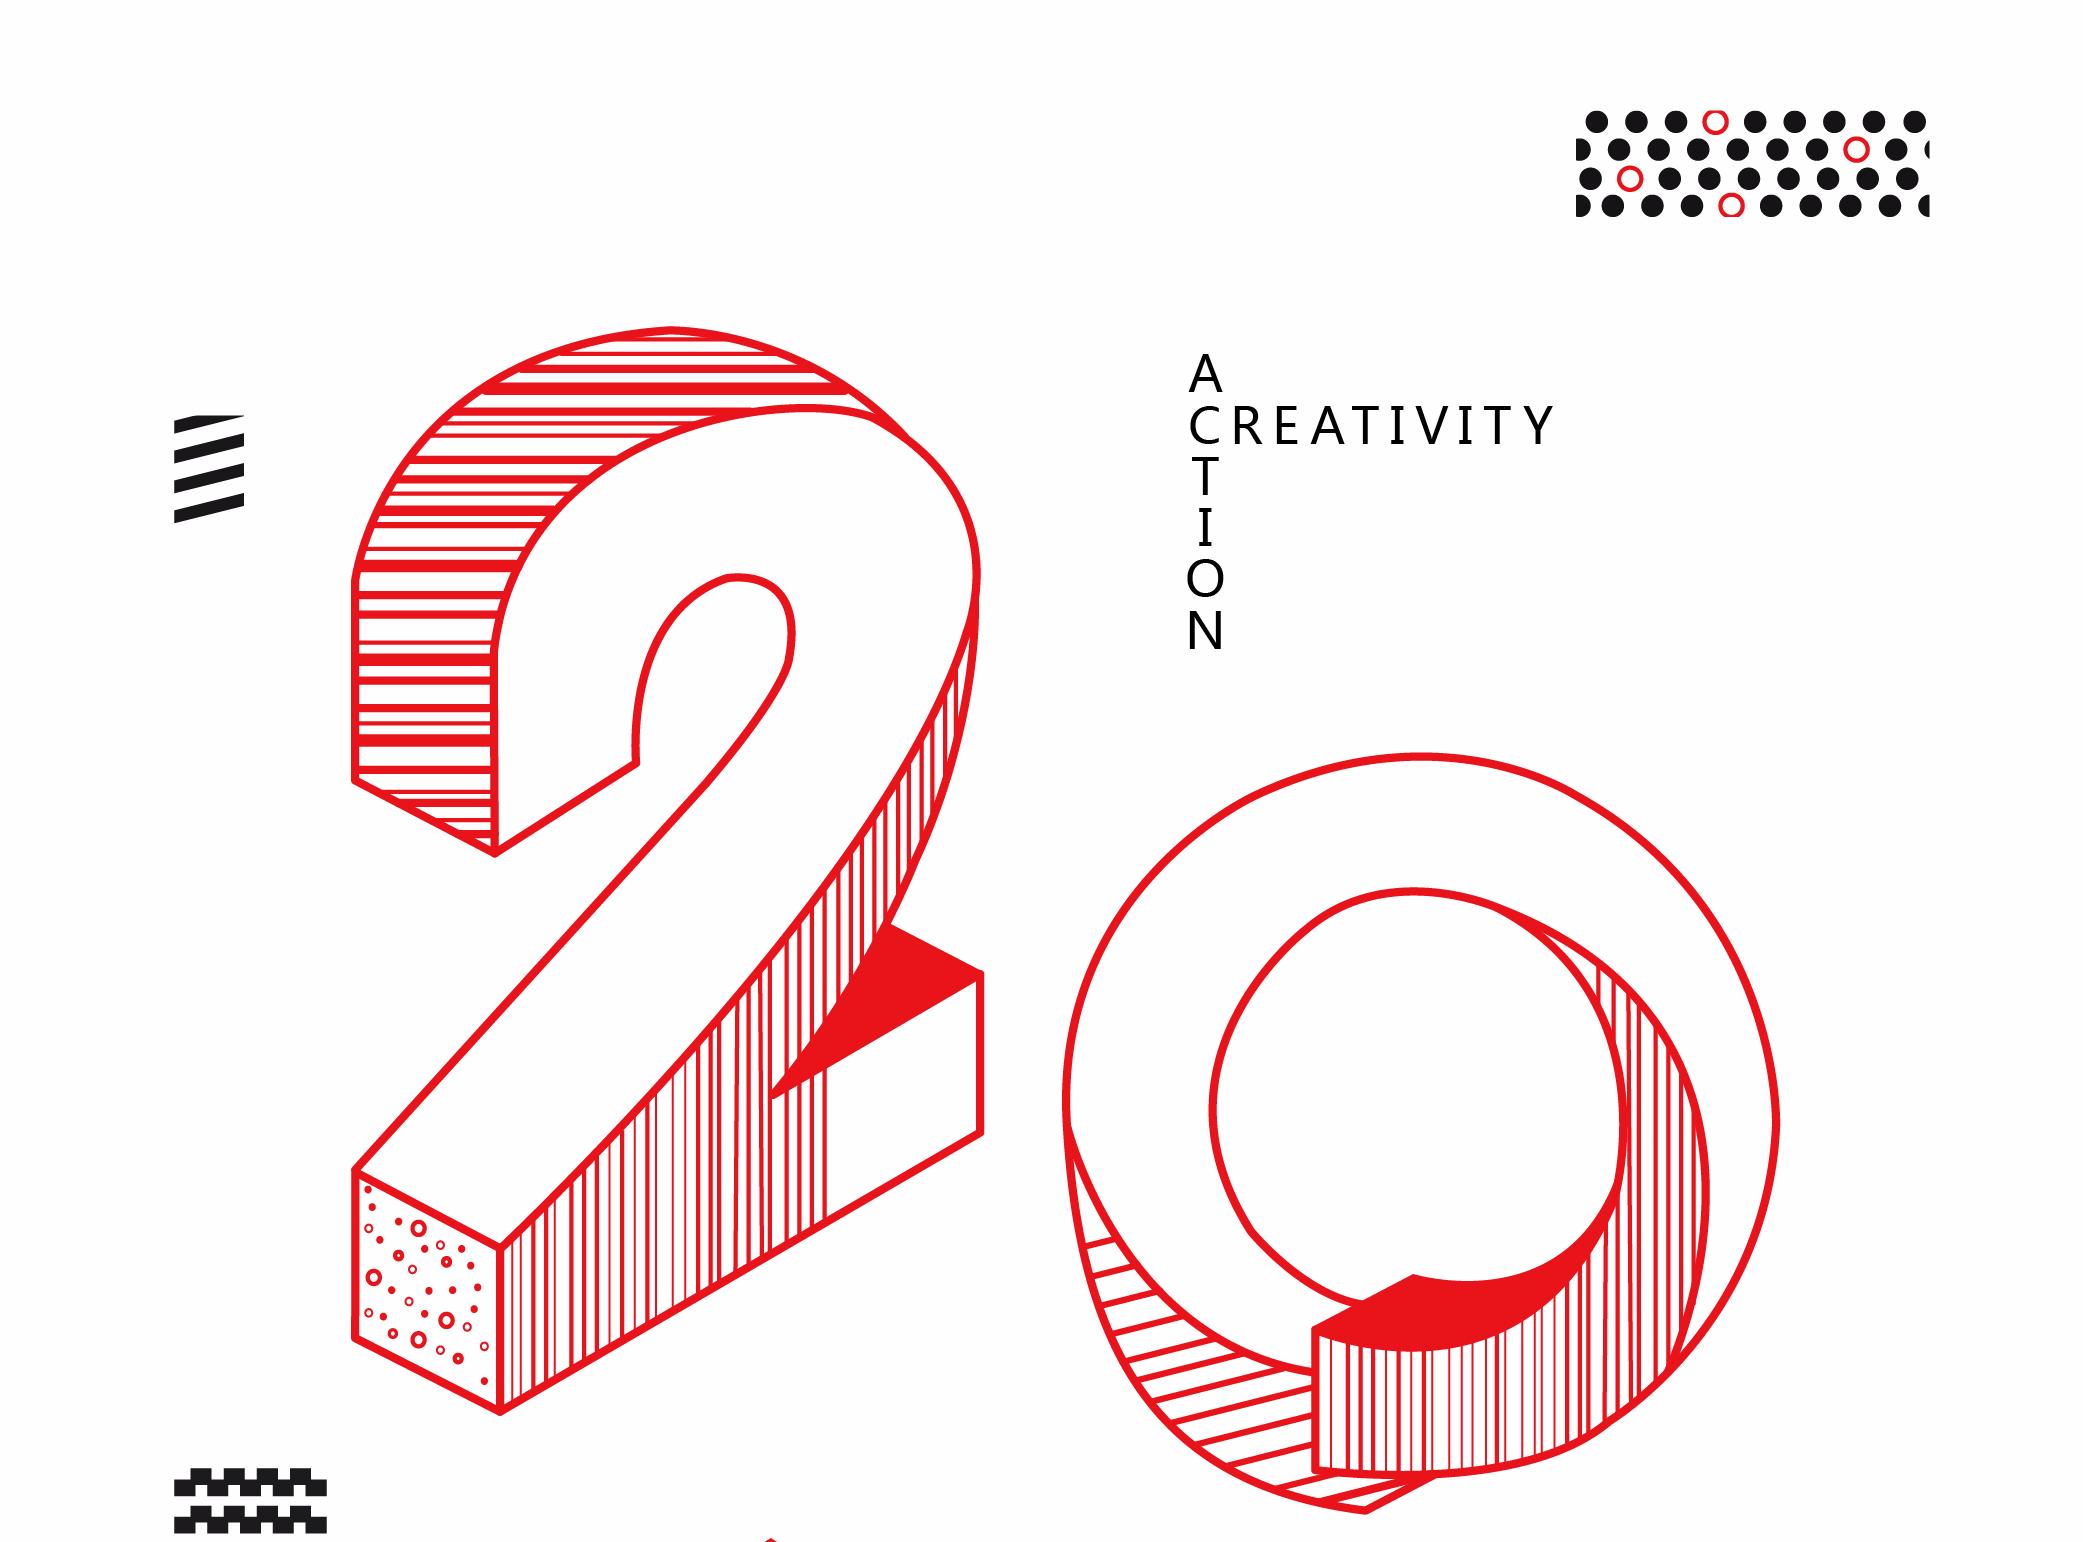 创意数字线条2017海报设计 发布时间:2017/09/05 71 0 查看 全部图片